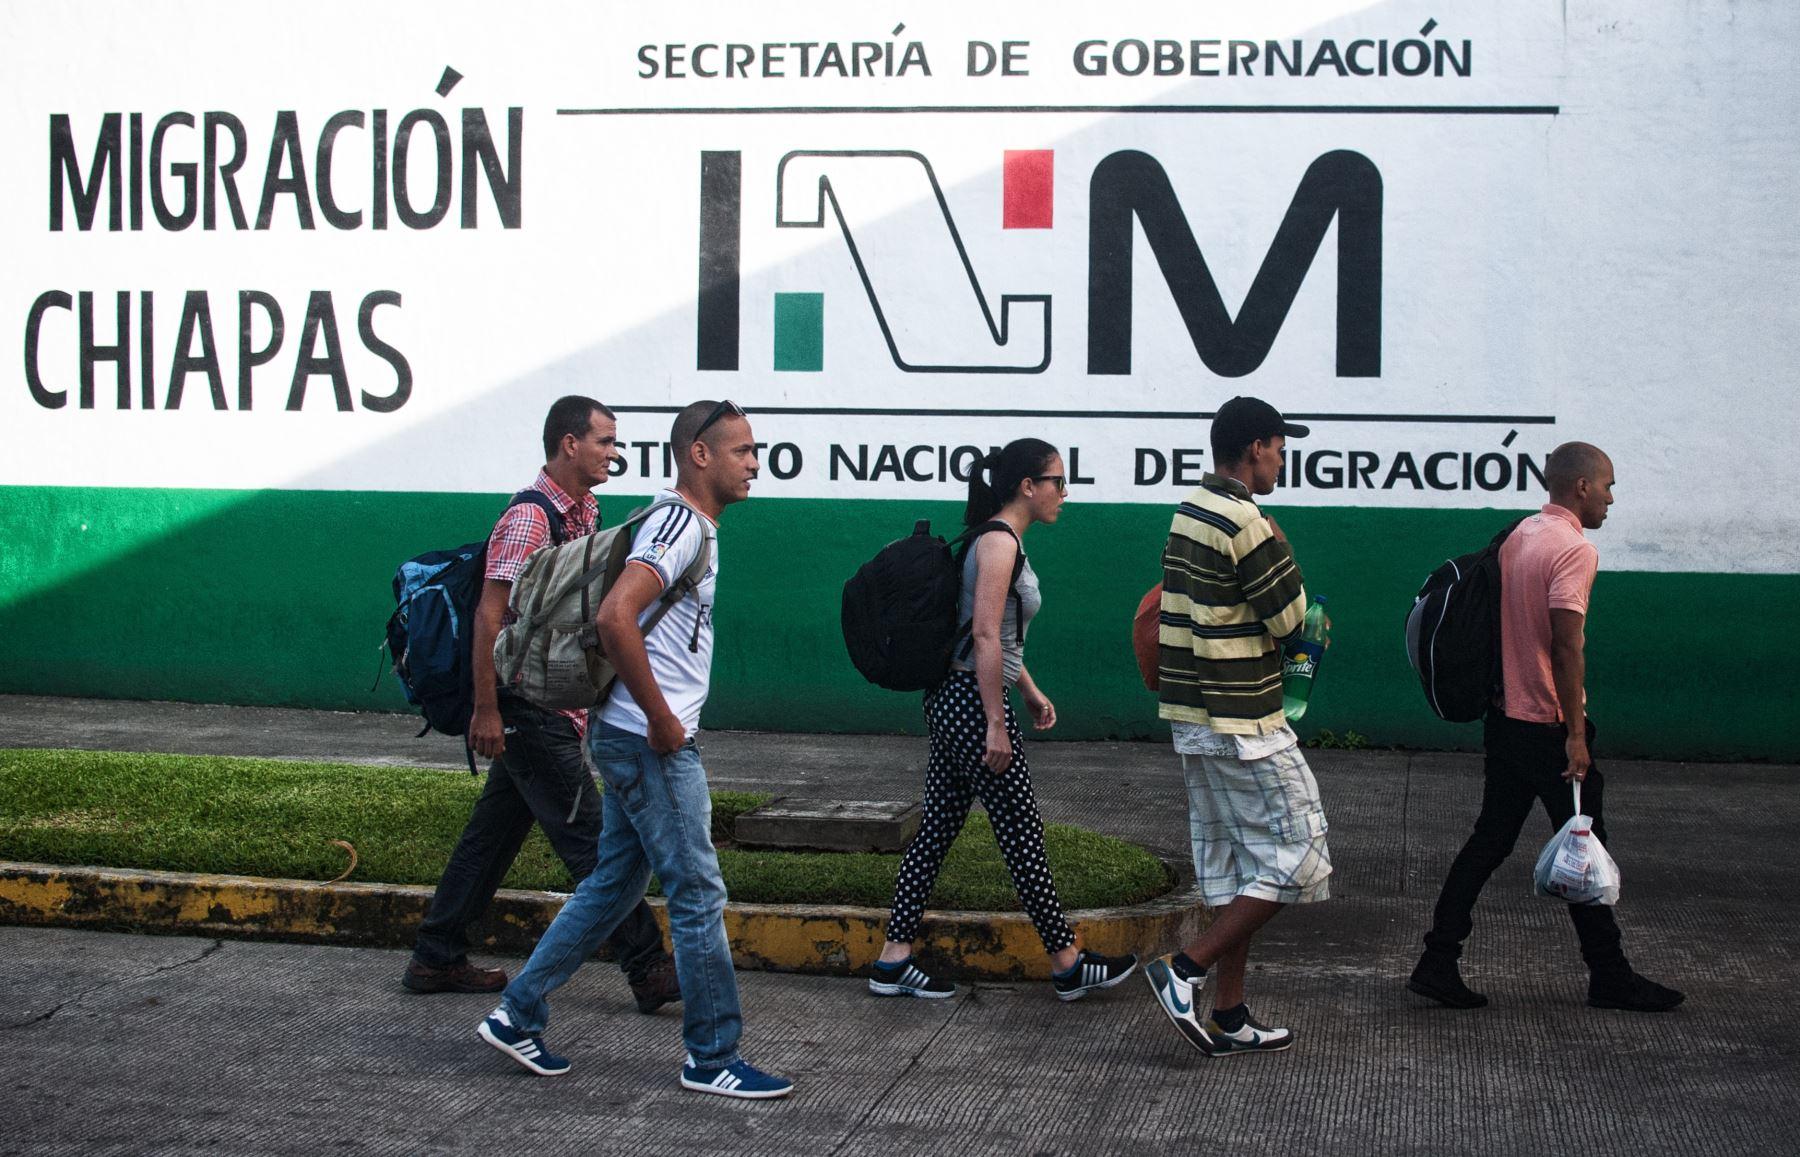 Unos 6,500 cubanos se han presentado ante la autoridad migratoria mexicana entre enero y septiembre, el triple que para todo el año pasado, según cifras del gobierno mexicano. Foto: AFP